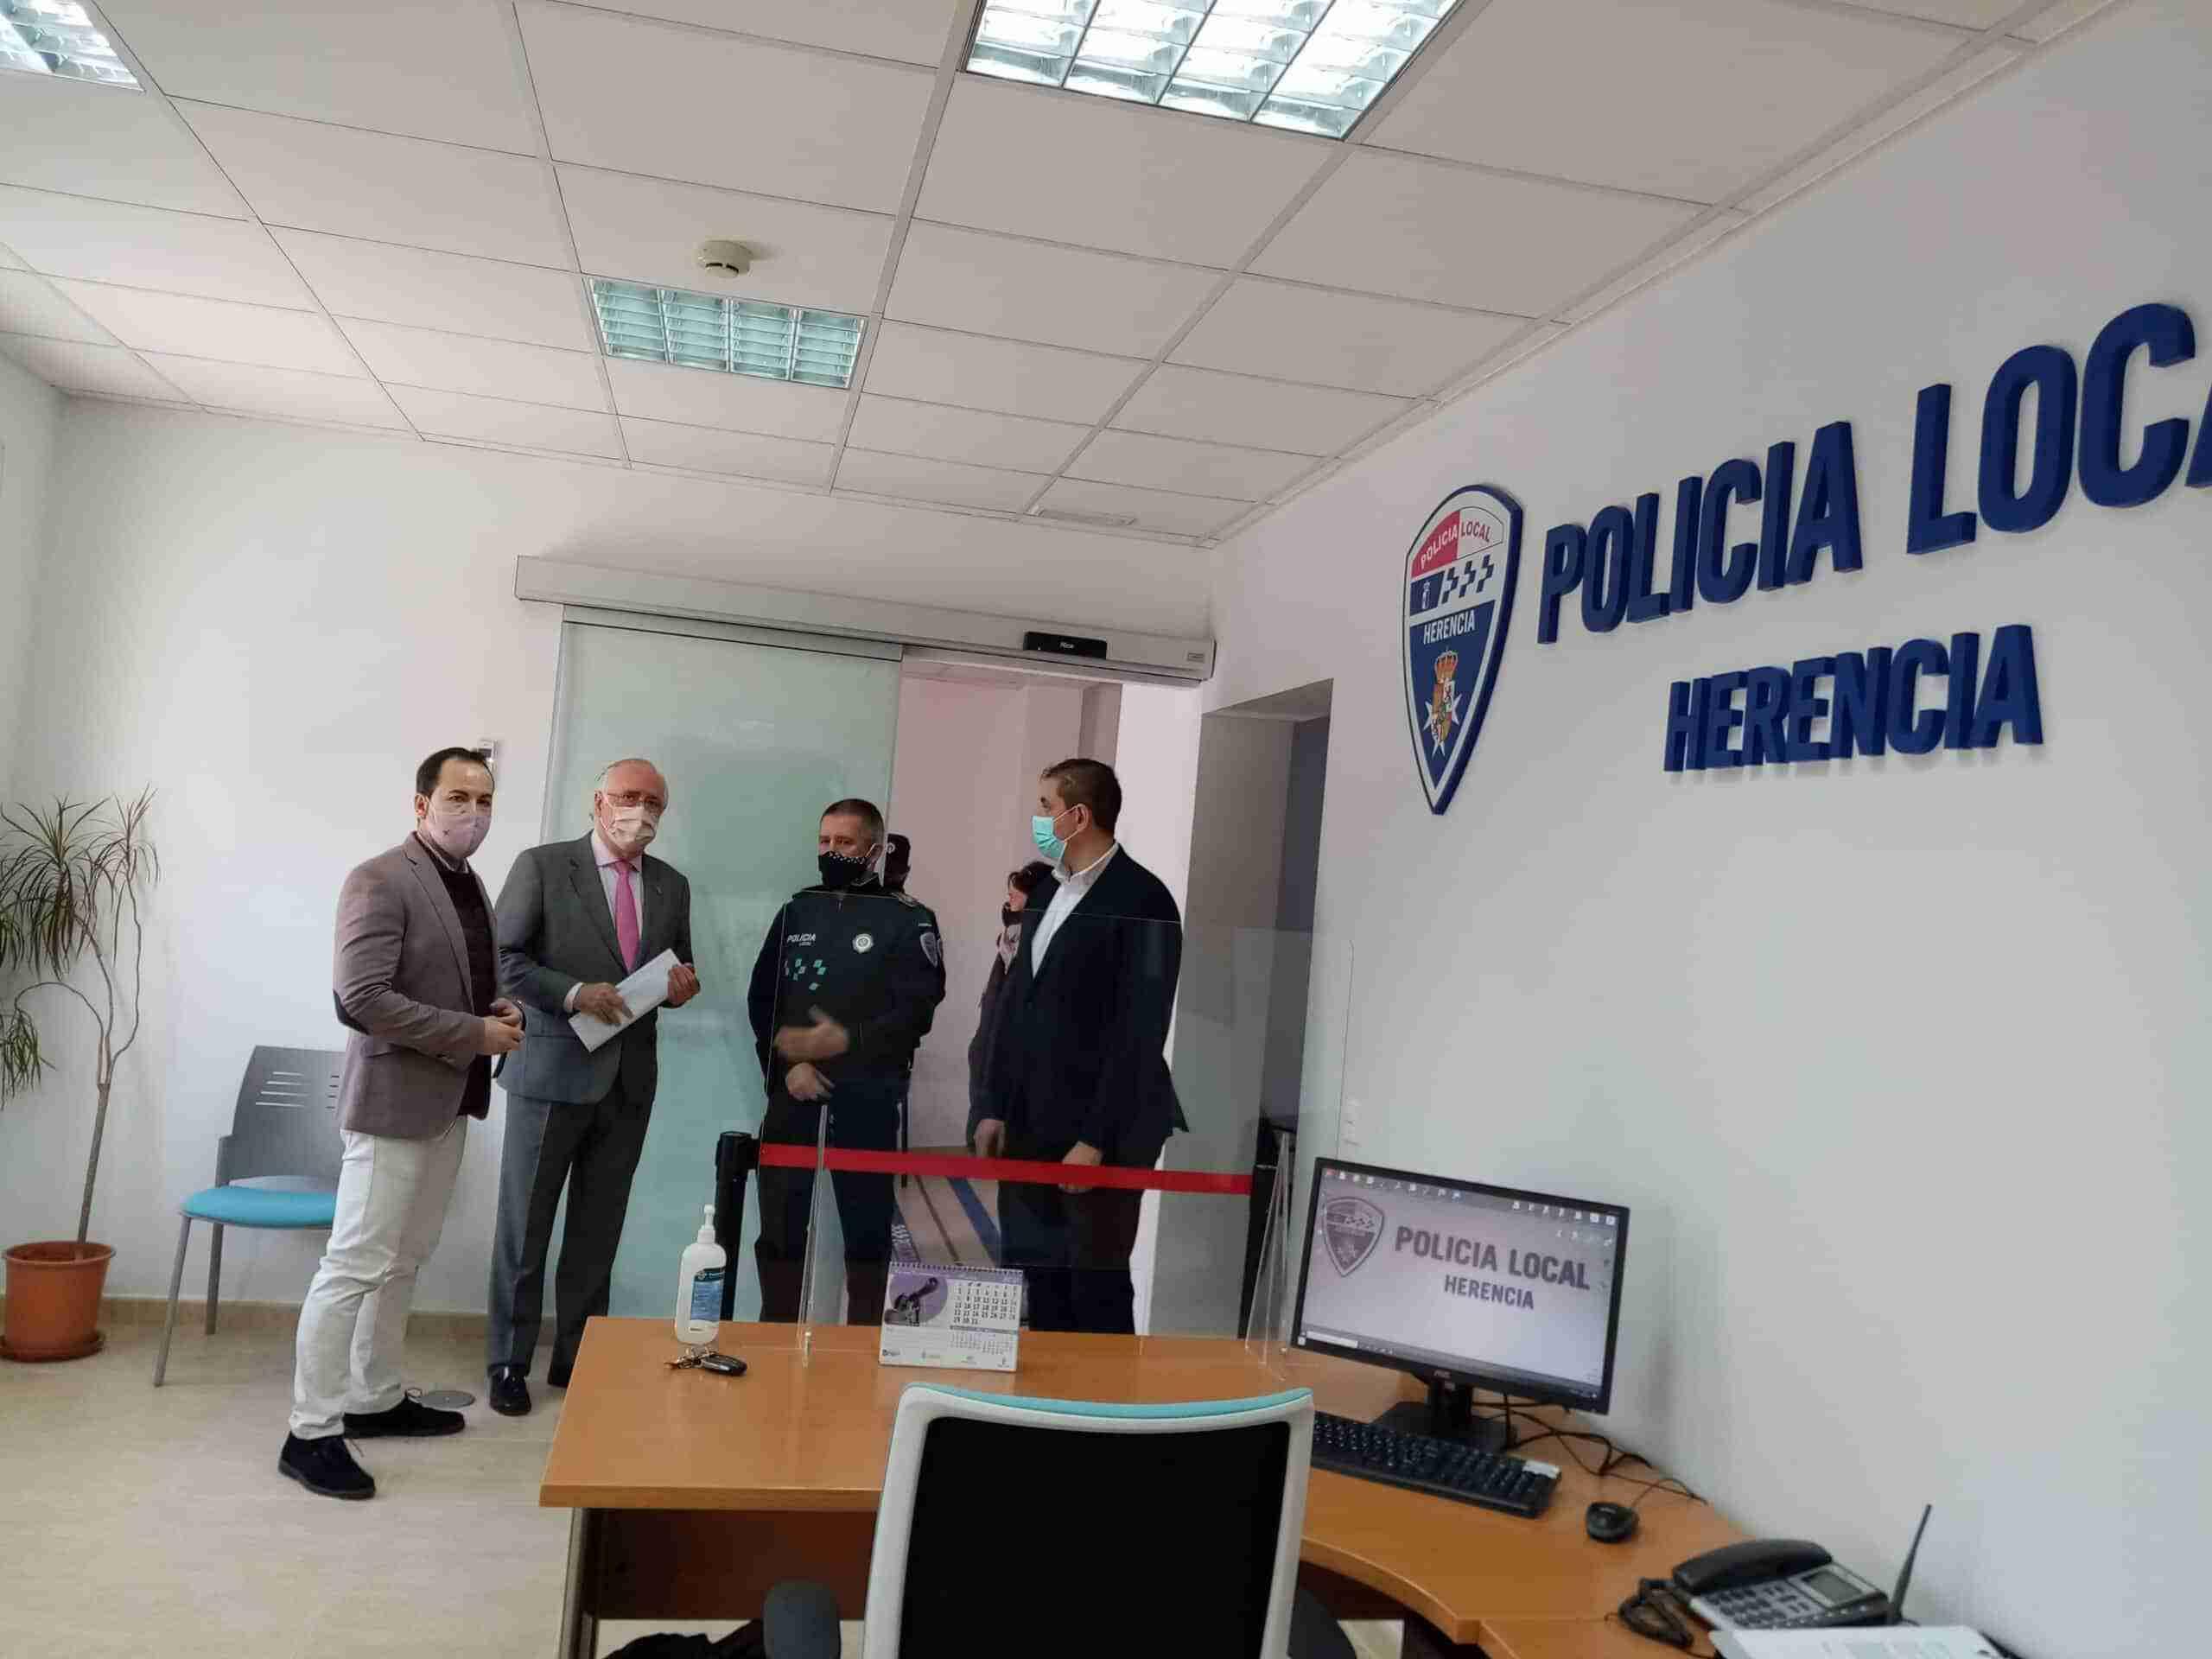 La Policía Local de Herencia inaugura sus nuevas dependencias 8